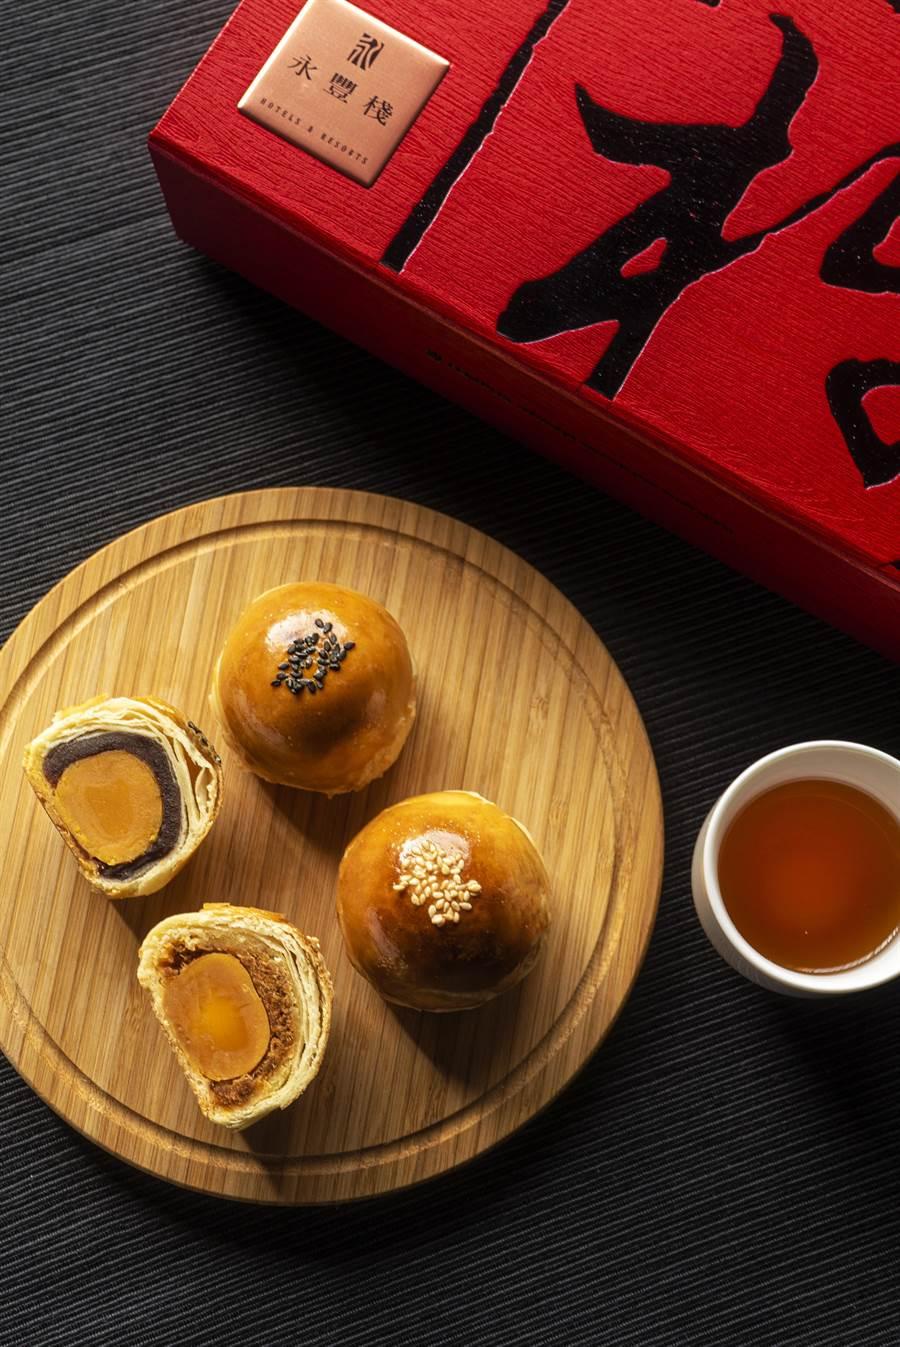 永豐棧酒店「豐豫棧月」蛋黃酥禮盒,收錄經典烏豆沙、肉鬆蛋黃酥等兩款台式好味,令人愛不釋口。(馮惠宜翻攝)